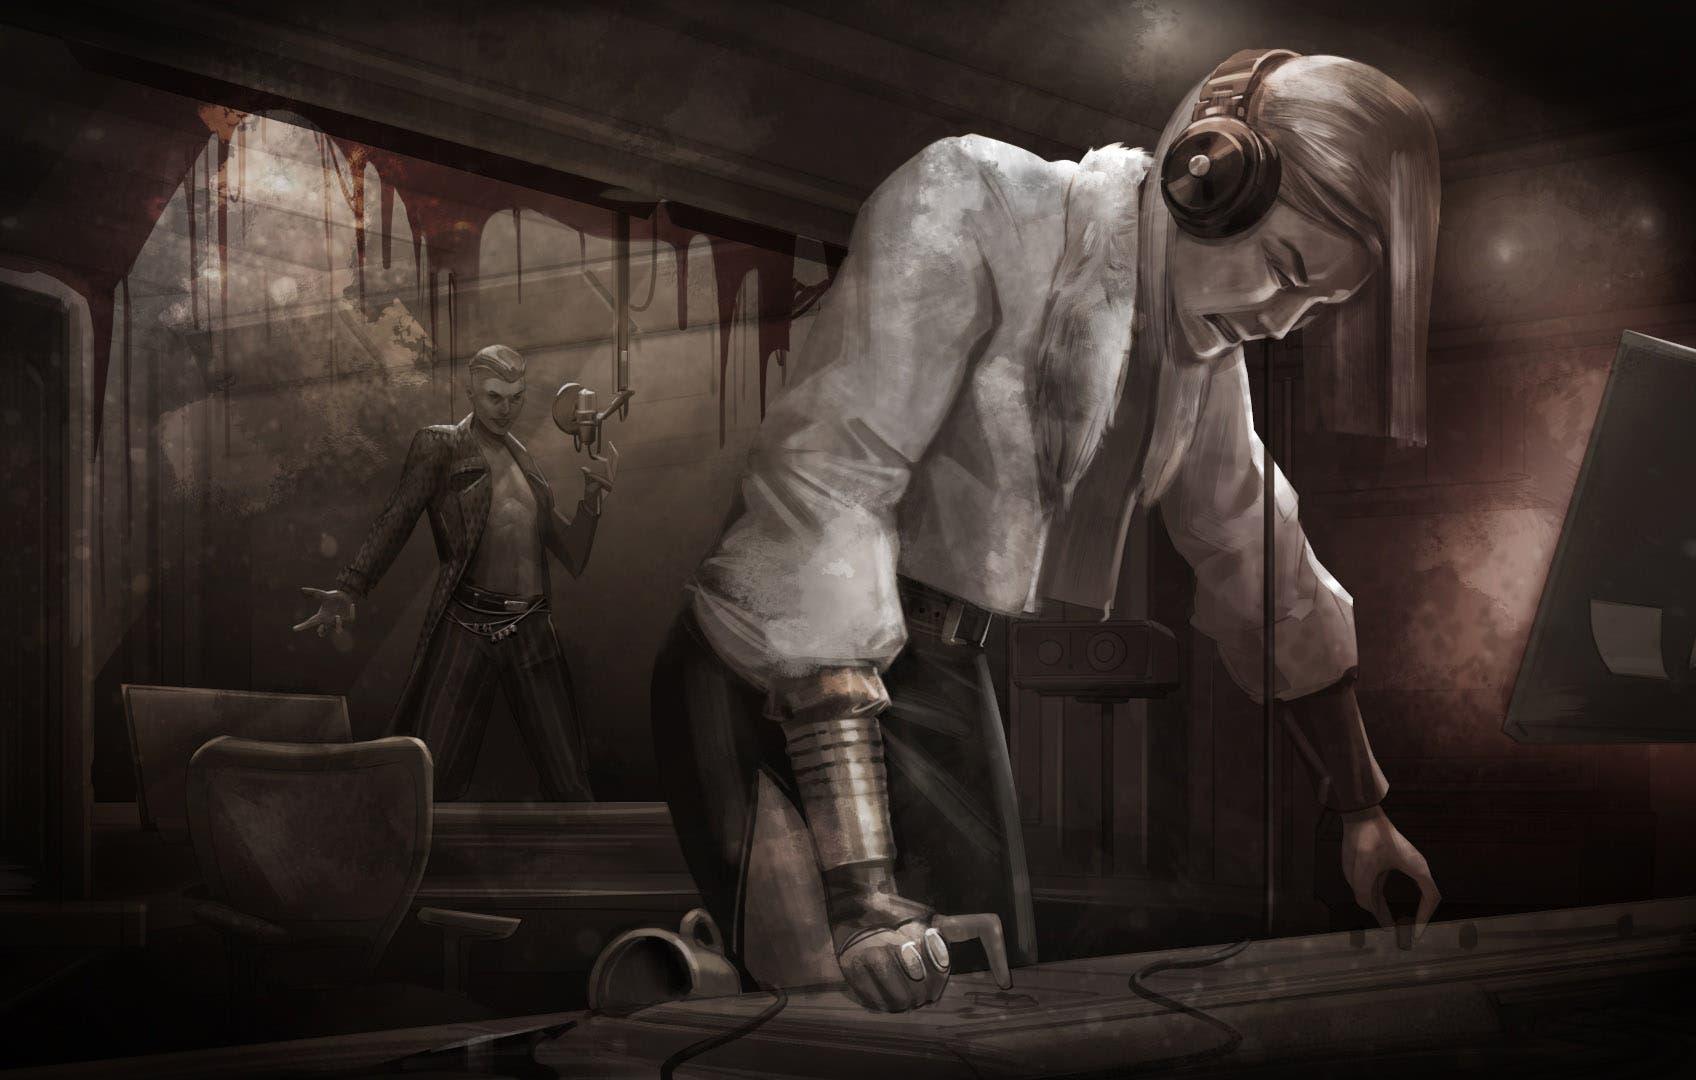 Anunciado El Traicionero, nuevo asesino de Dead by Daylight 3